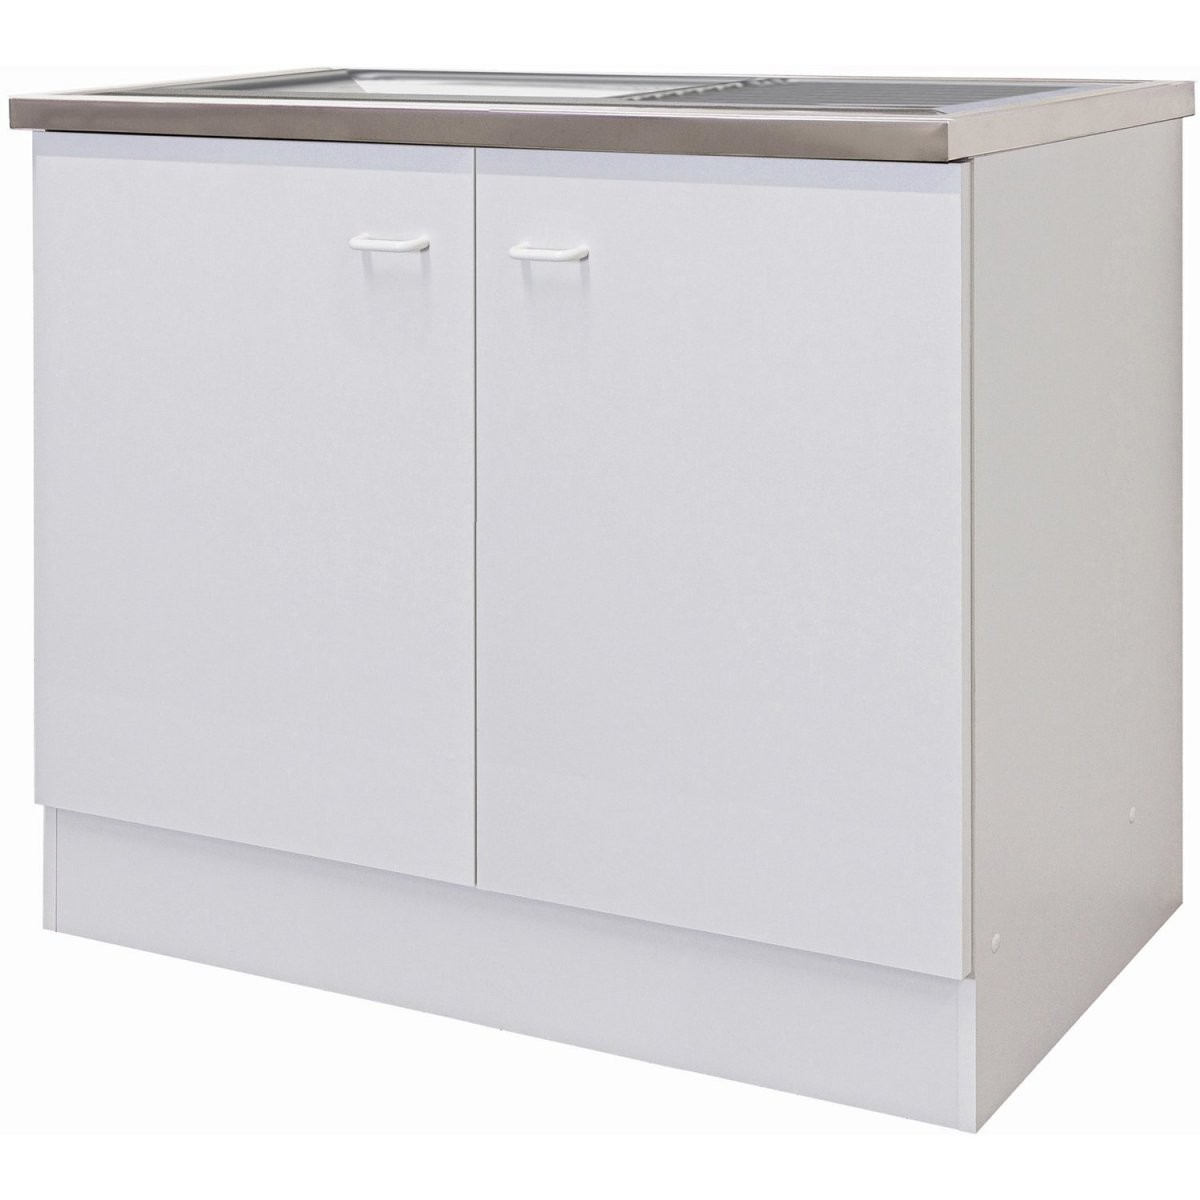 Küchen Unterschrank 50 Cm Breit Weiß | Kleiderschrank 120 ...